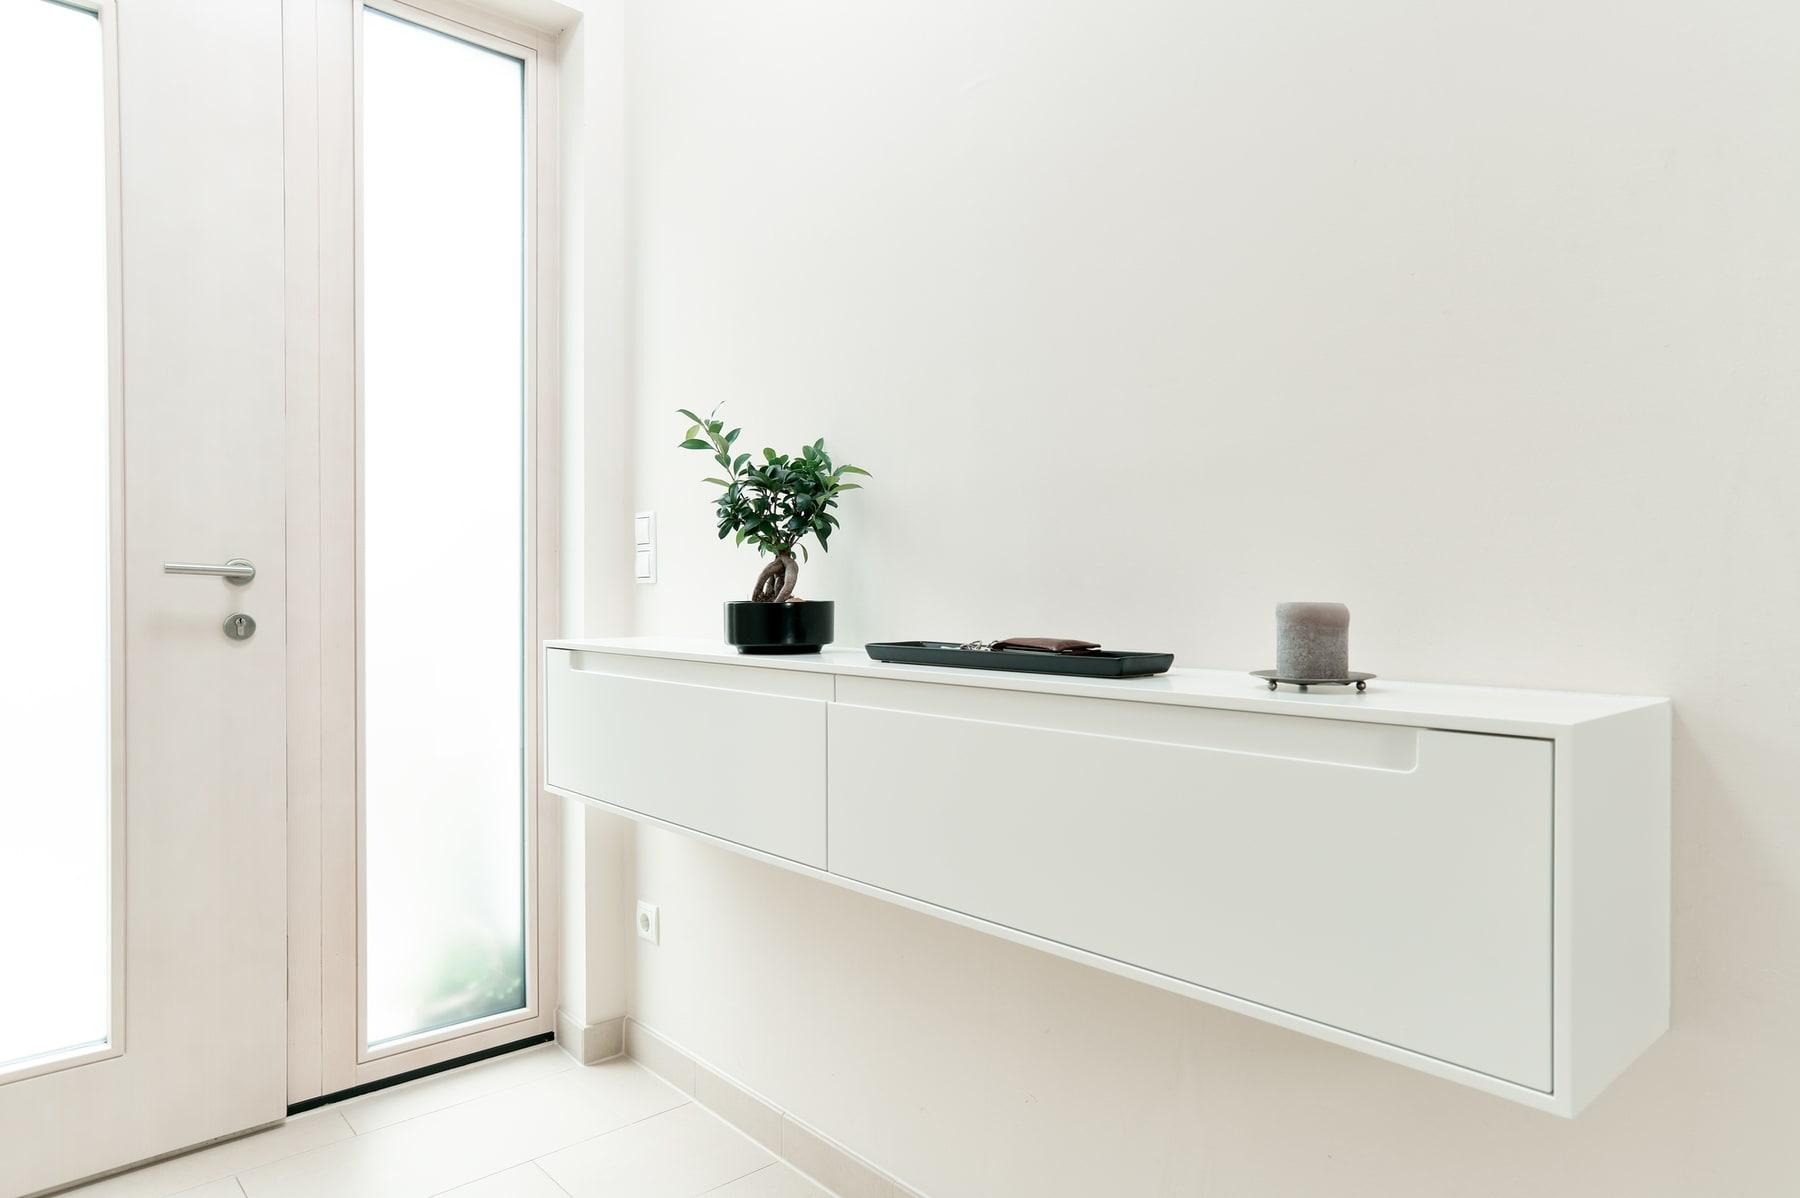 Reininger Küche Vorzimmer2154